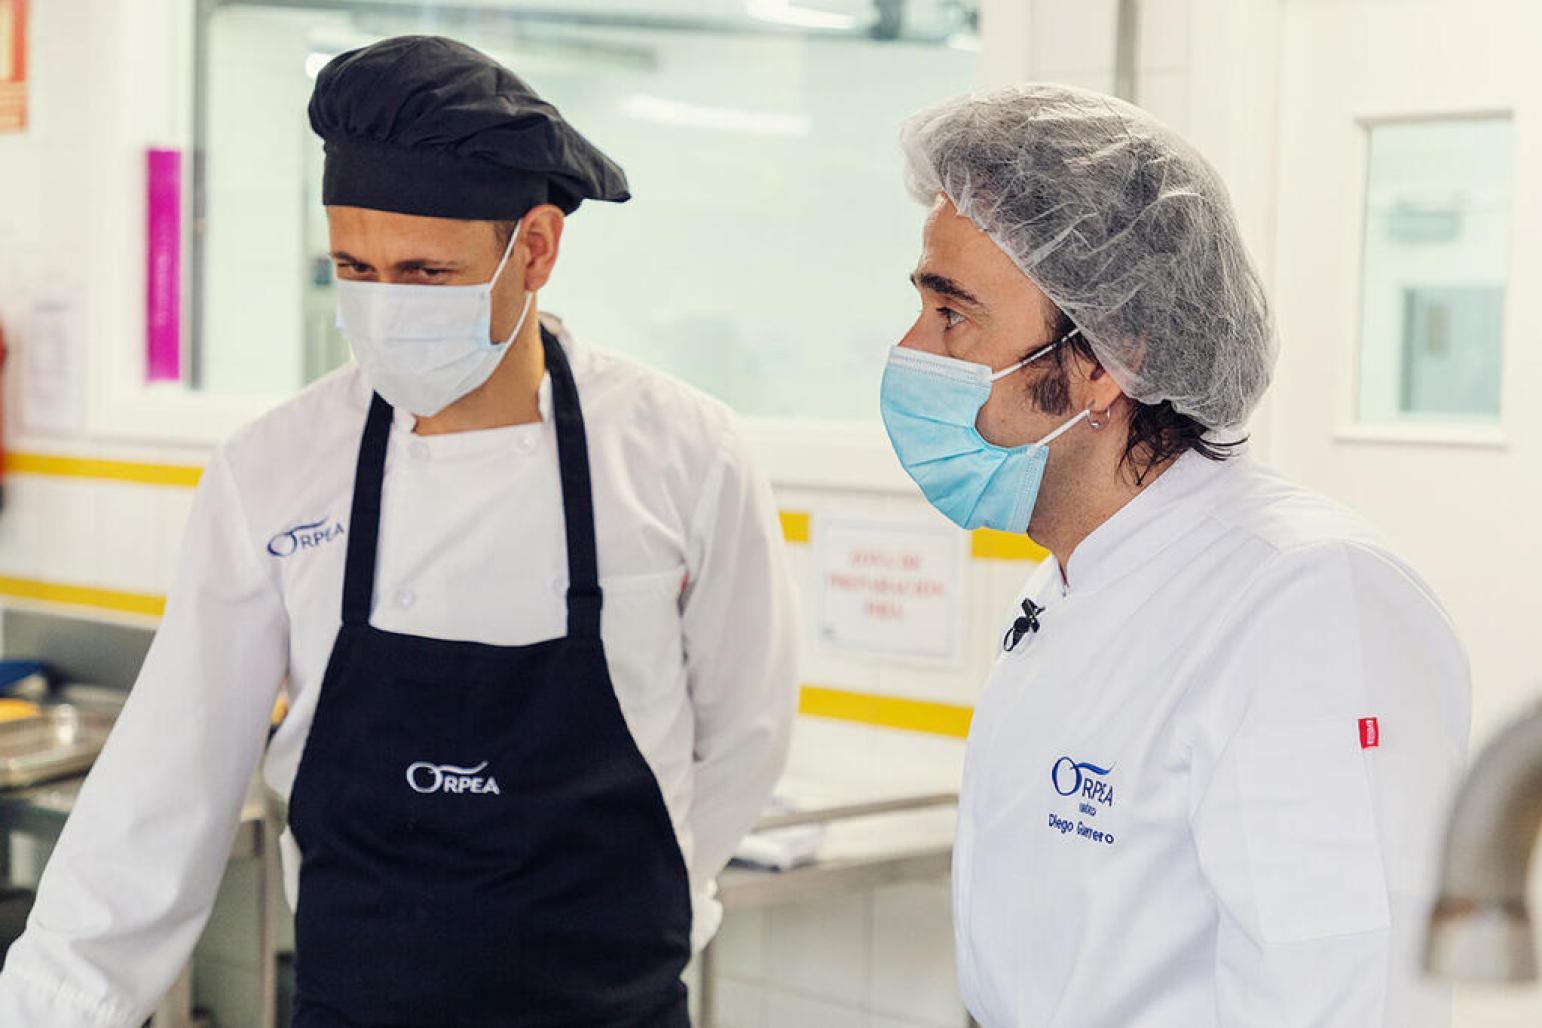 Diego-Guerrero-muestra-su-apoyo-a-los-cocineros-de-las-residenias-ORPEA